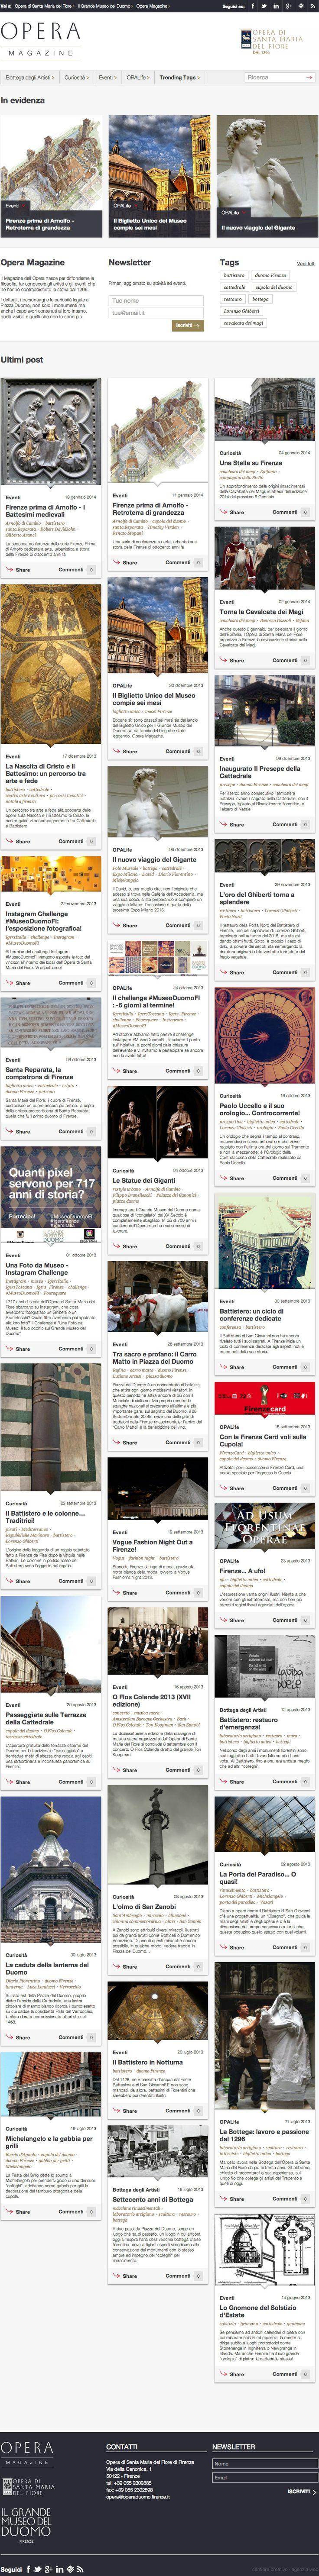 Oggi Opera Magazine compie sette mesi! Avete già letto i suoi trentadue articoli? -  http://operaduomo.firenze.it/blog